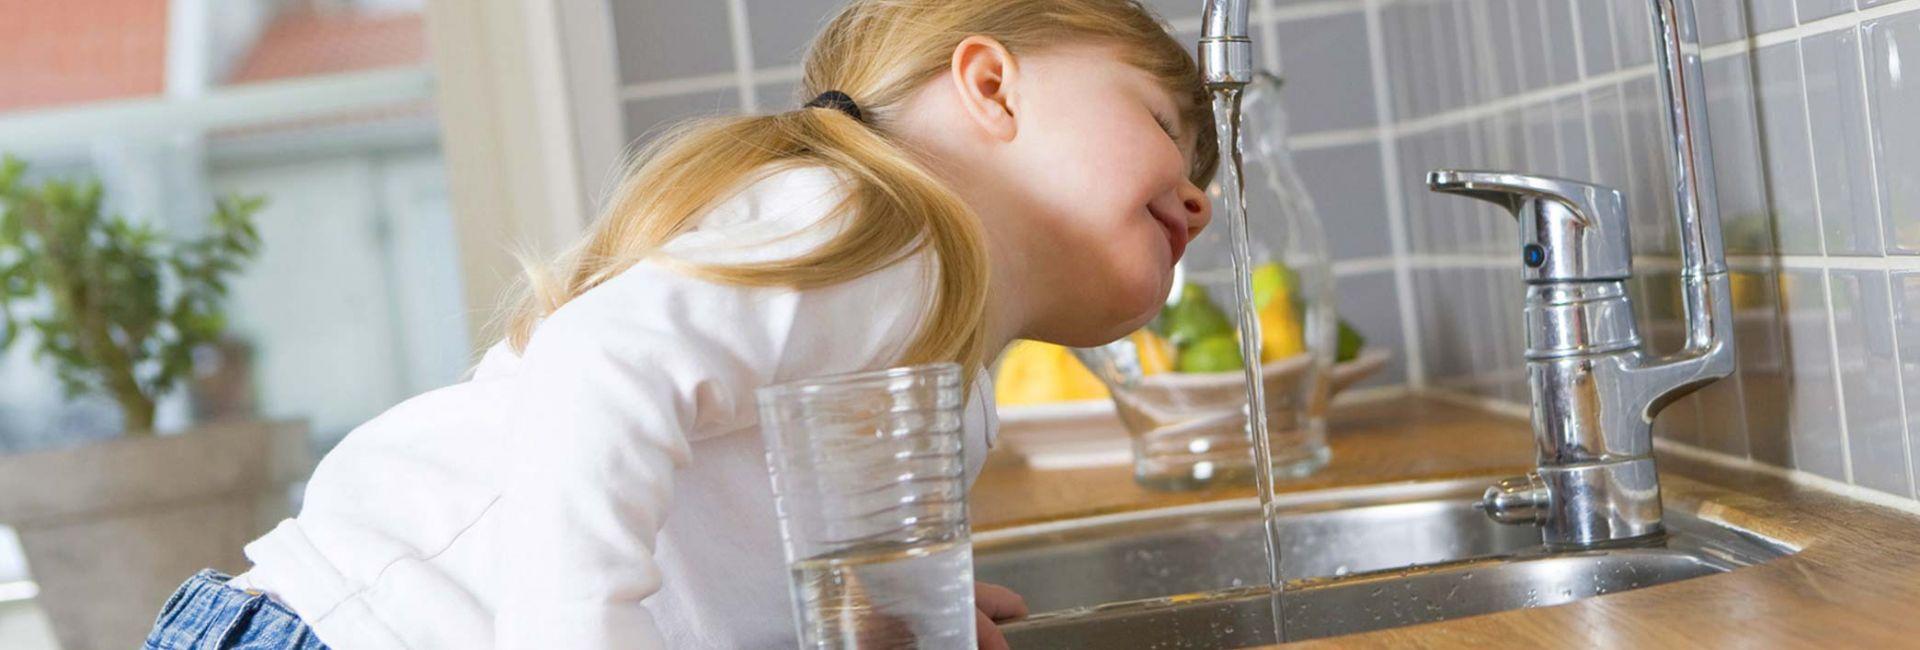 Depuratori d'acqua Aquabio per casa, ristoranti, bar e ufficio